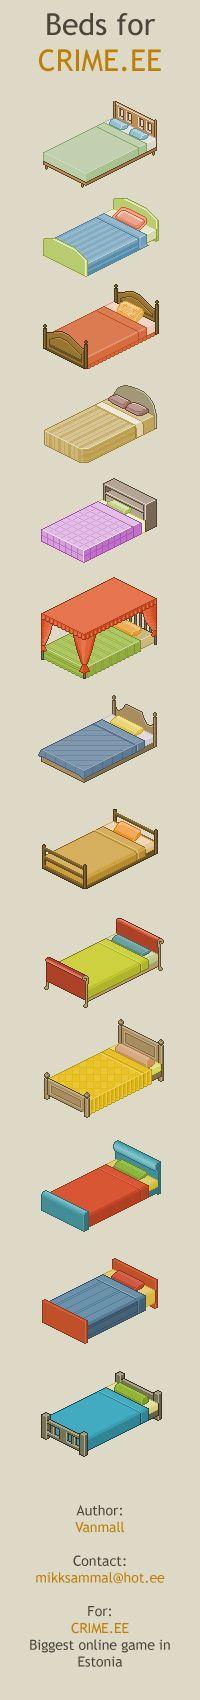 Beds for Crime.ee by vanmall.deviantart.com on @deviantART